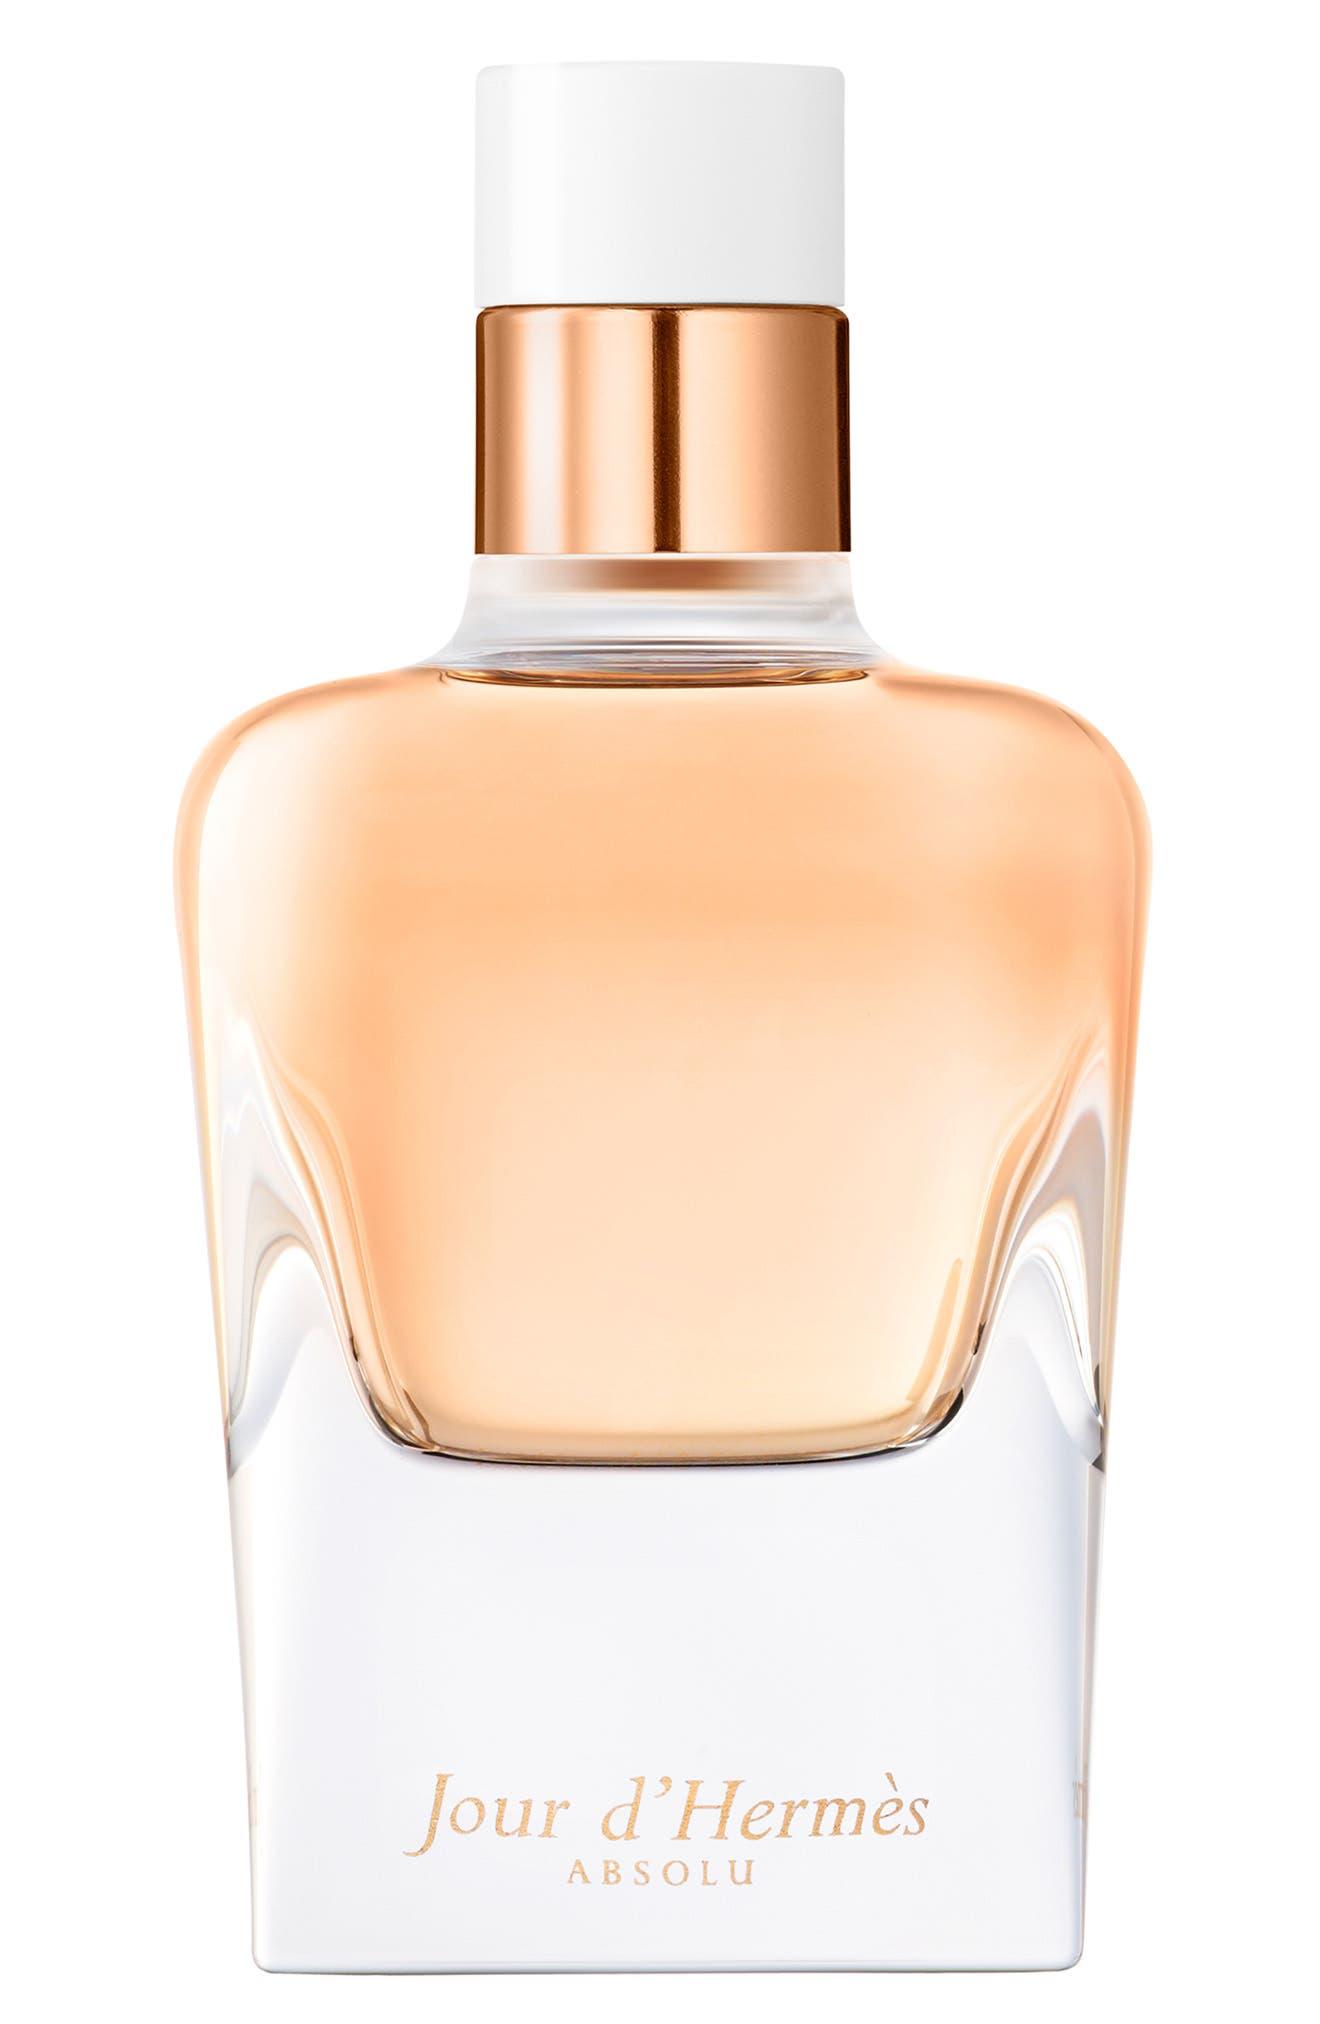 Jour d'Hermès Absolu - Eau de parfum,                             Alternate thumbnail 3, color,                             NO COLOR